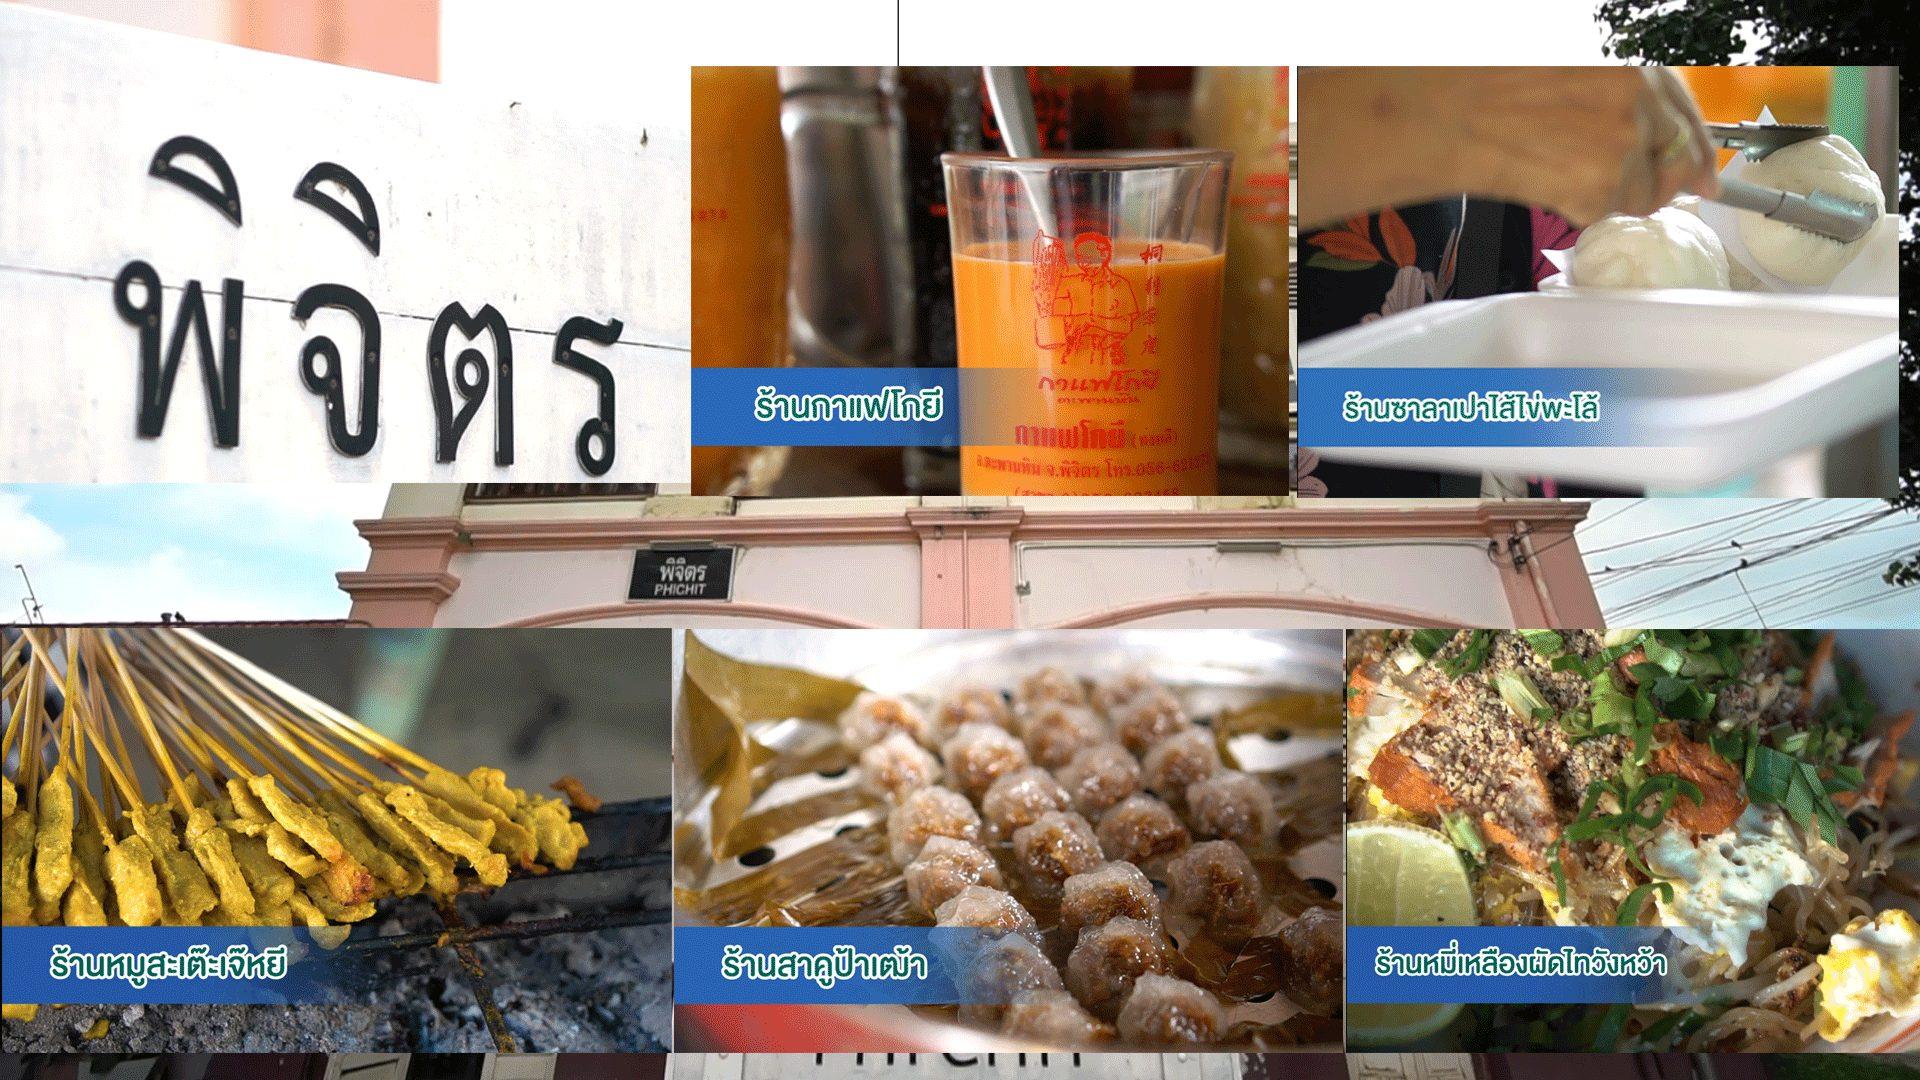 Street Food จ.พิจิตร ร้านดัง ร้านอาหารแนะนำ อาหาร